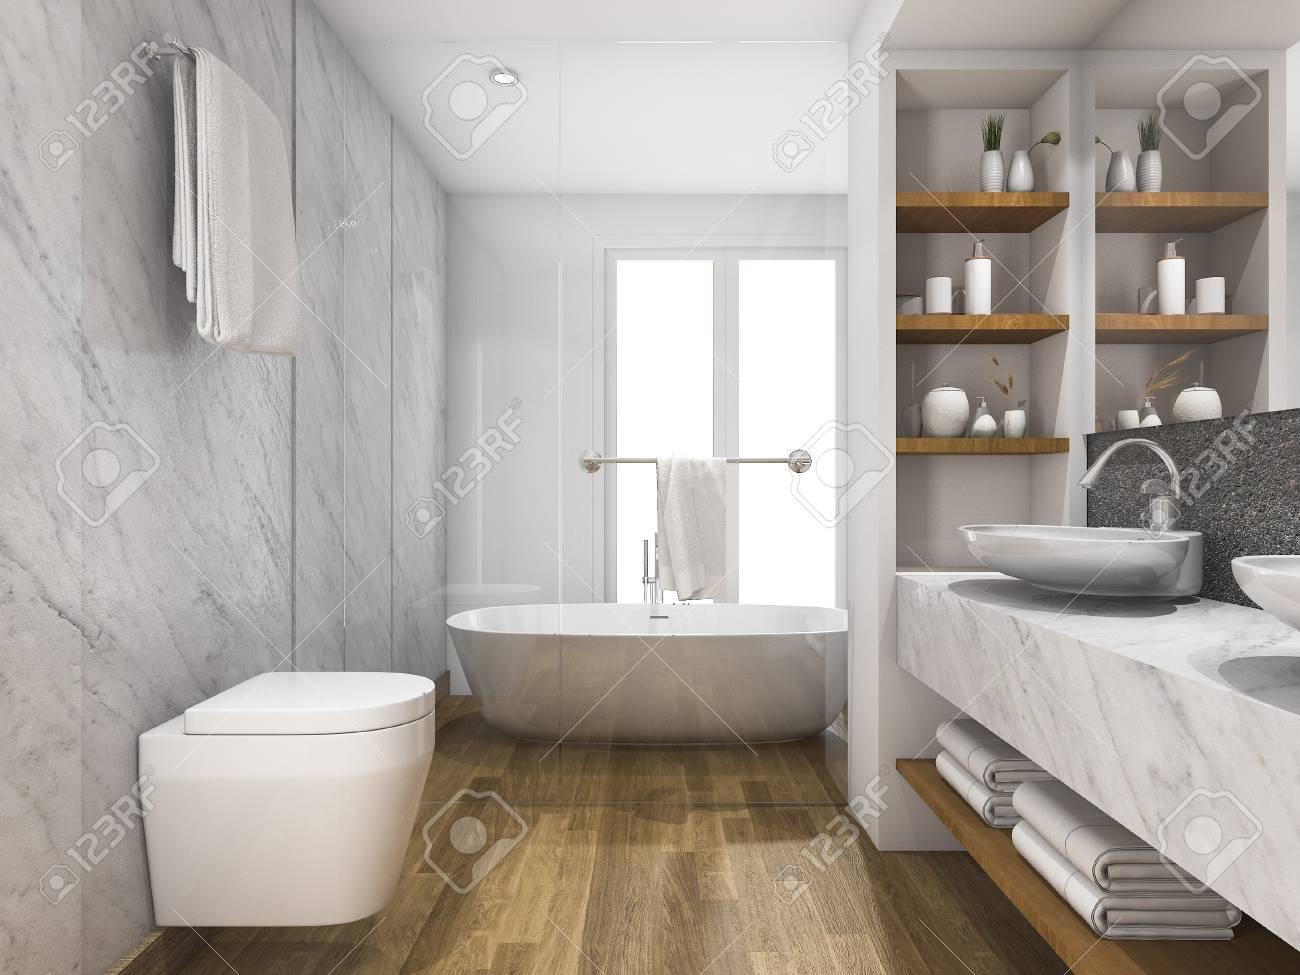 Banque Dimages Rception En 3d De Toilettes En Bois Et En Marbre Et Salle De  Bain